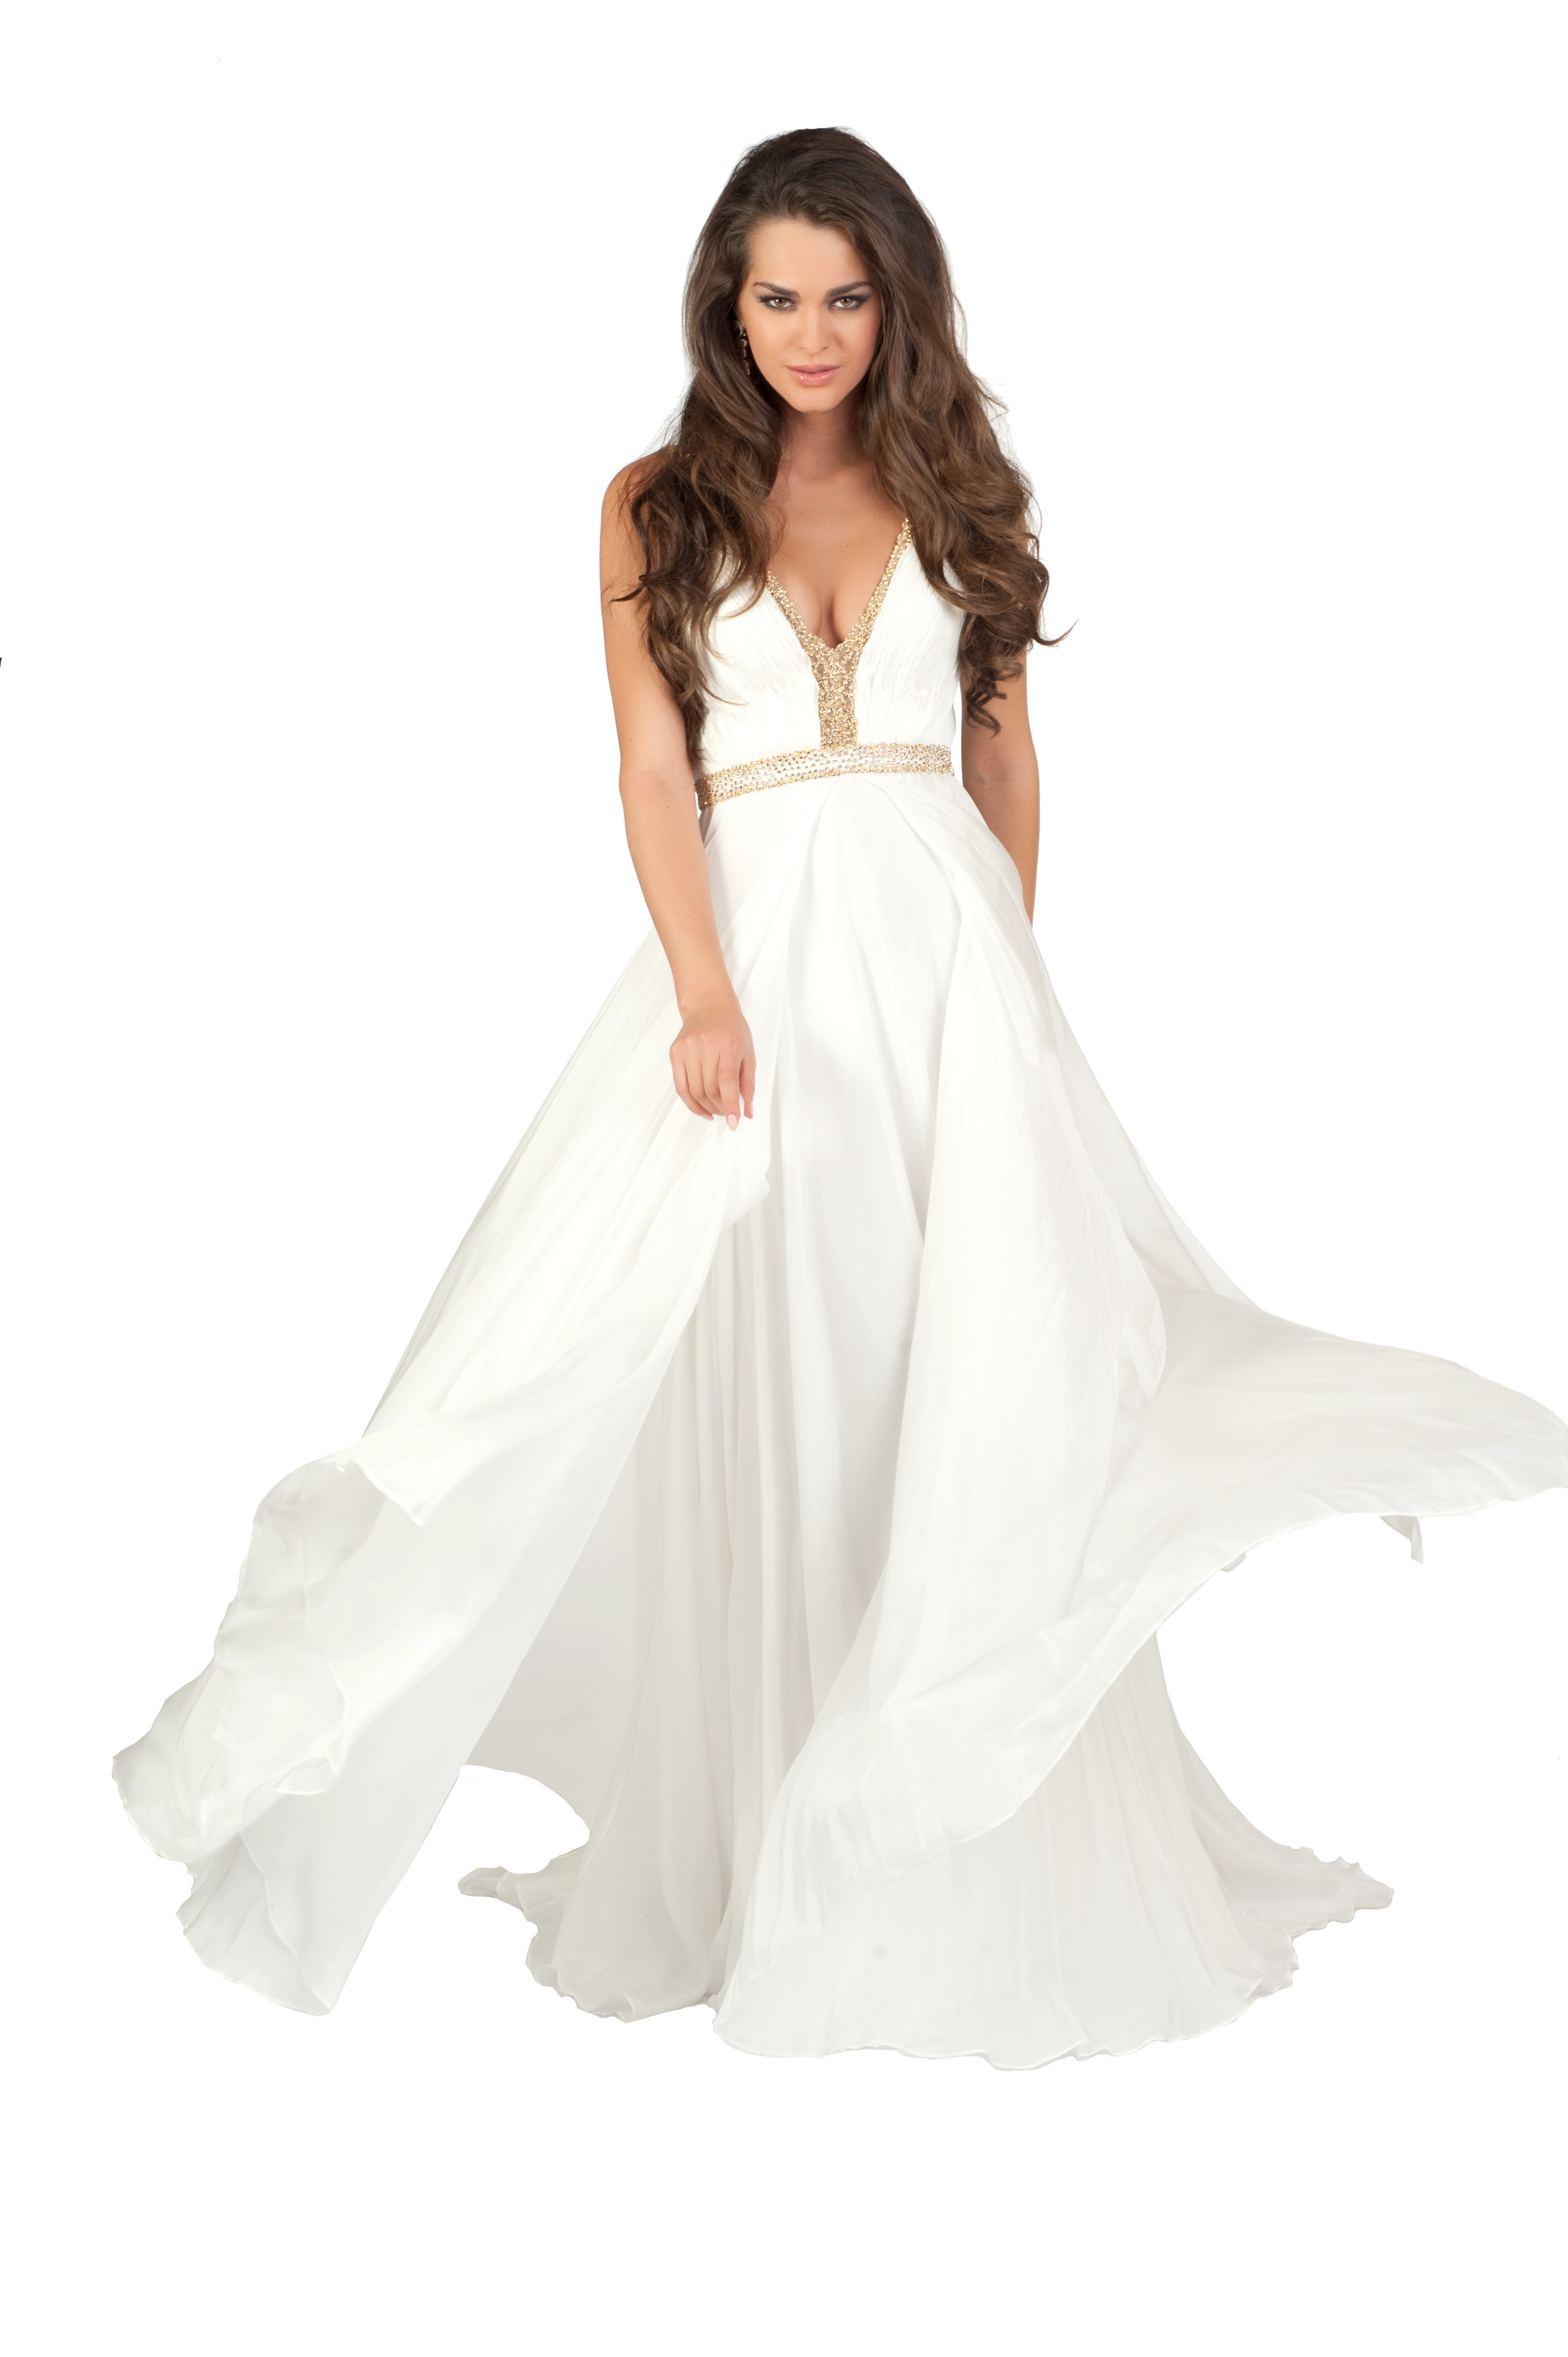 Фото девушки в белом вечернем платье